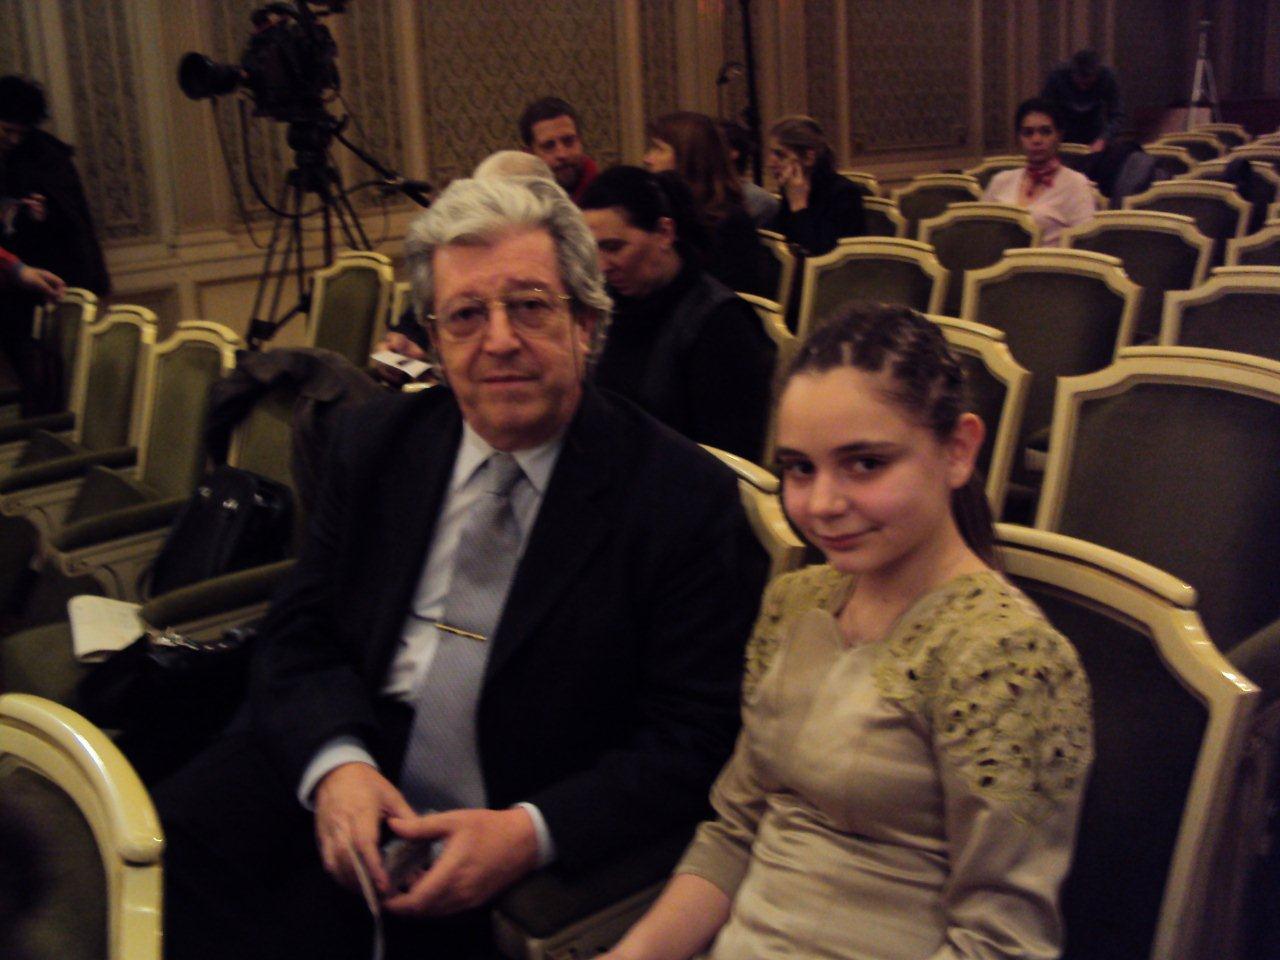 cu profesorul meu - Prof.Univ.Dr. Şerban Dimitrie Soreanu, Ateneul Român 2010